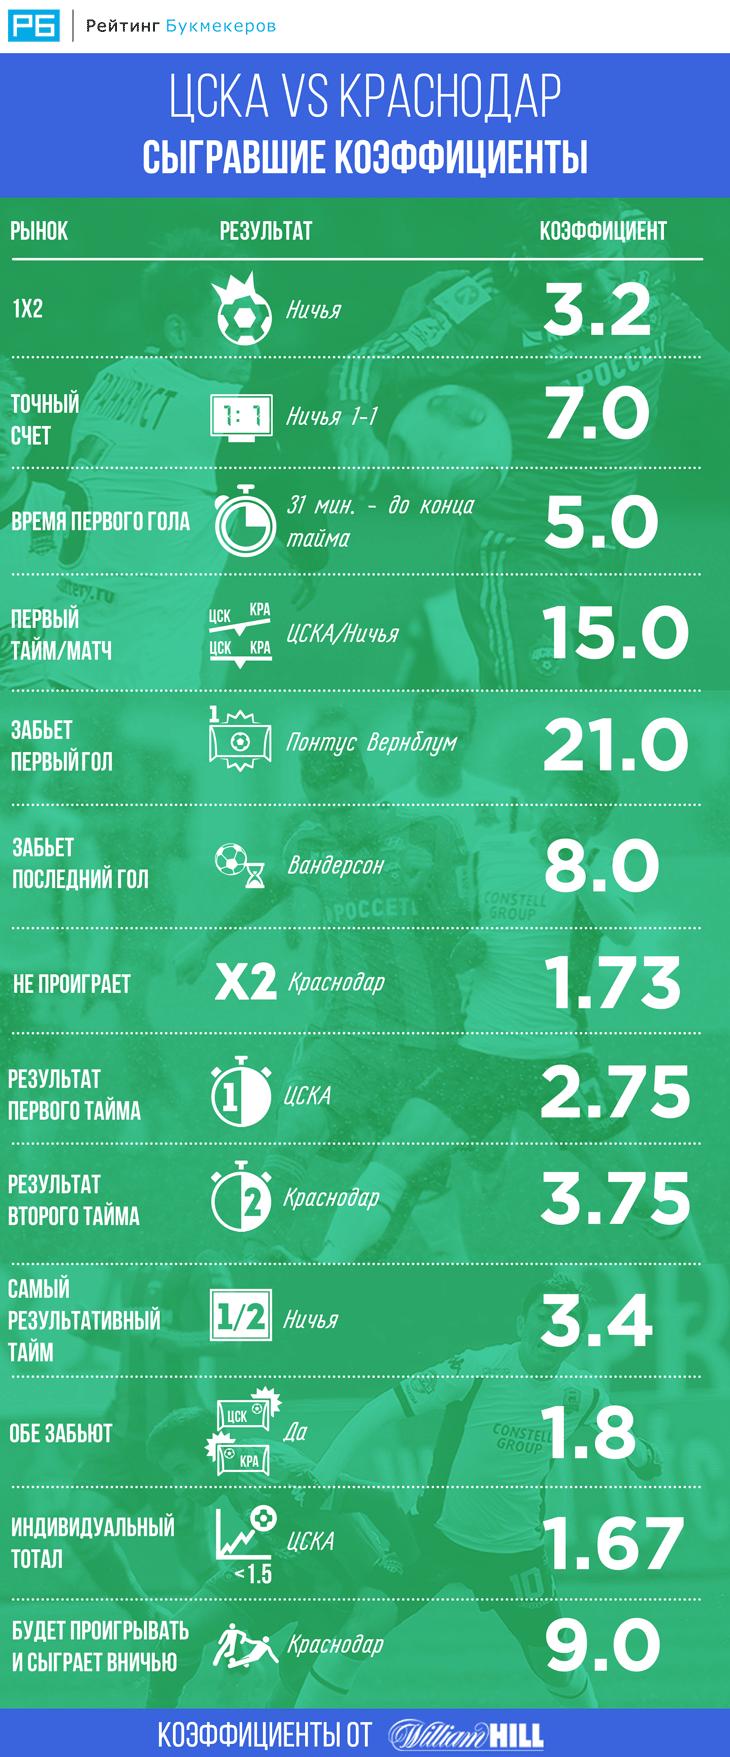 Сыгравшие коэффициенты в матче ЦСКА - «Краснодар»